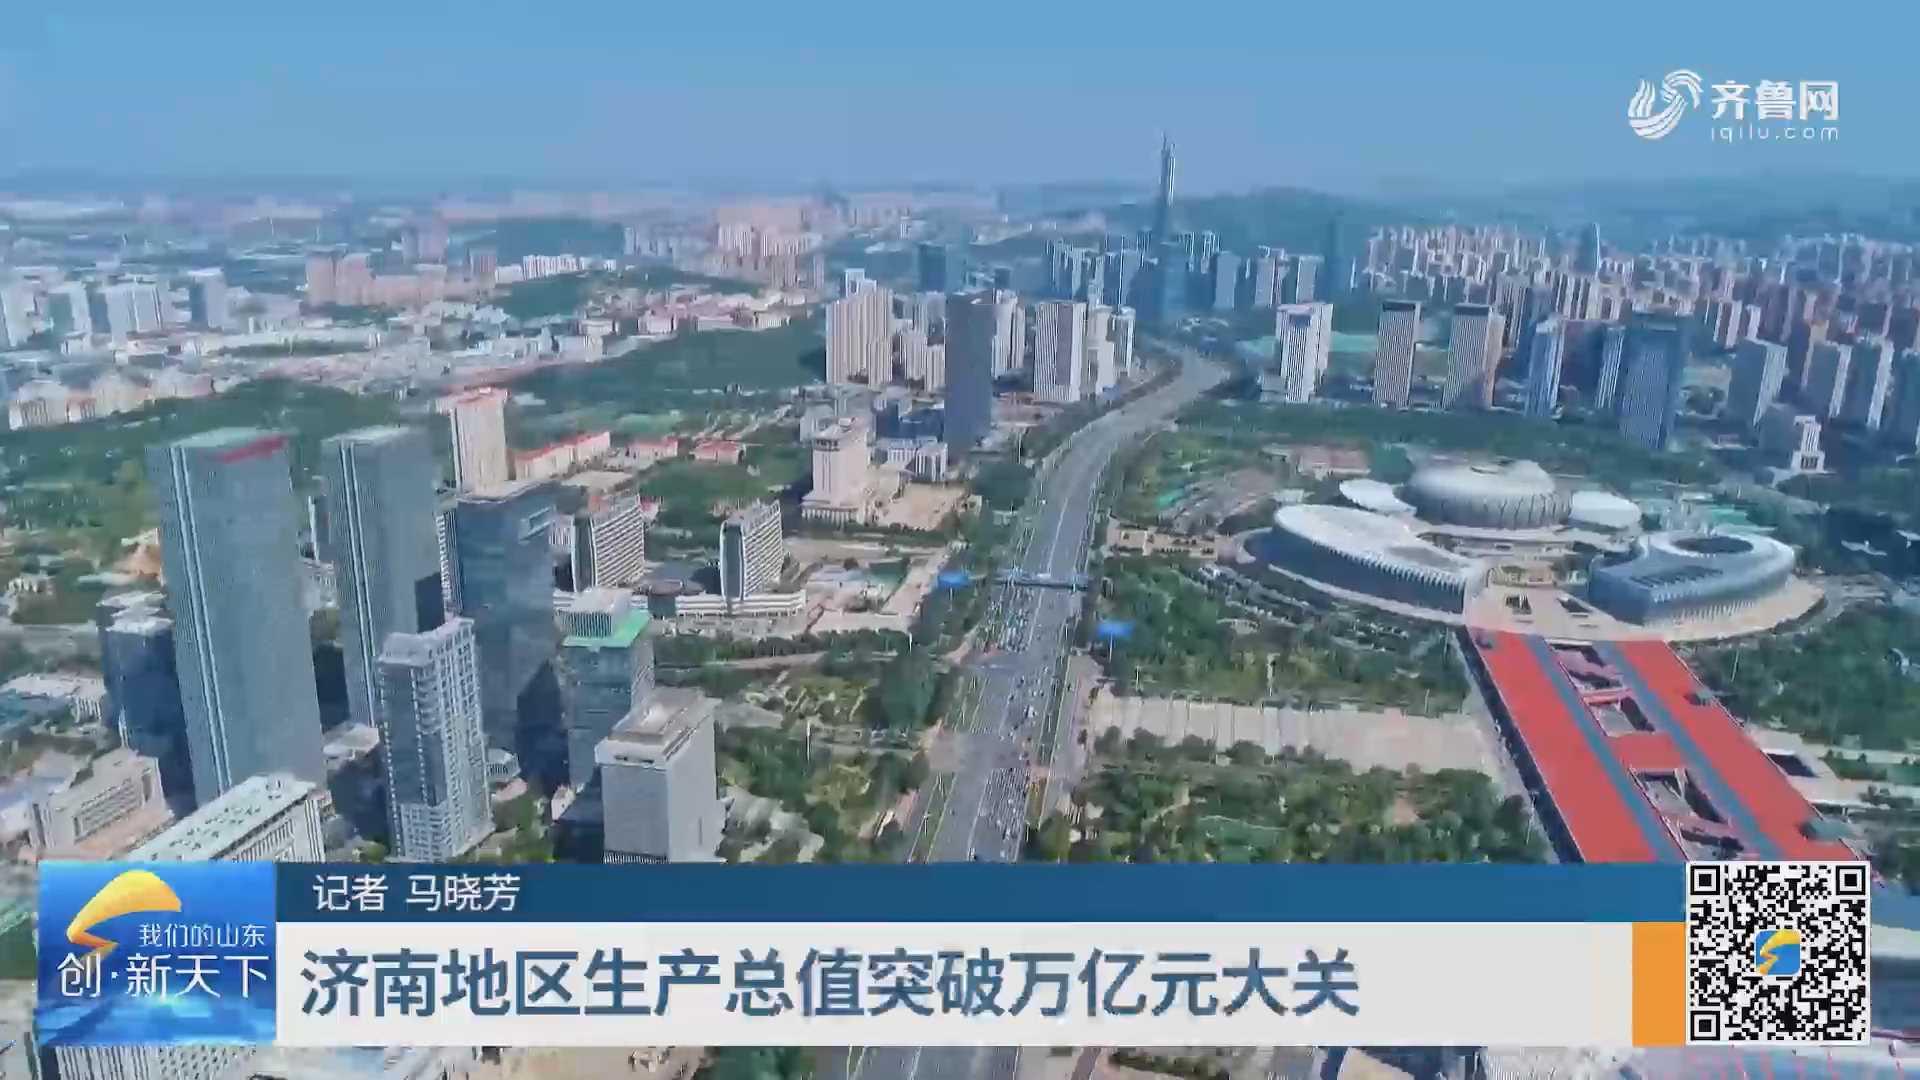 济南地区生产总值突破万亿元大关